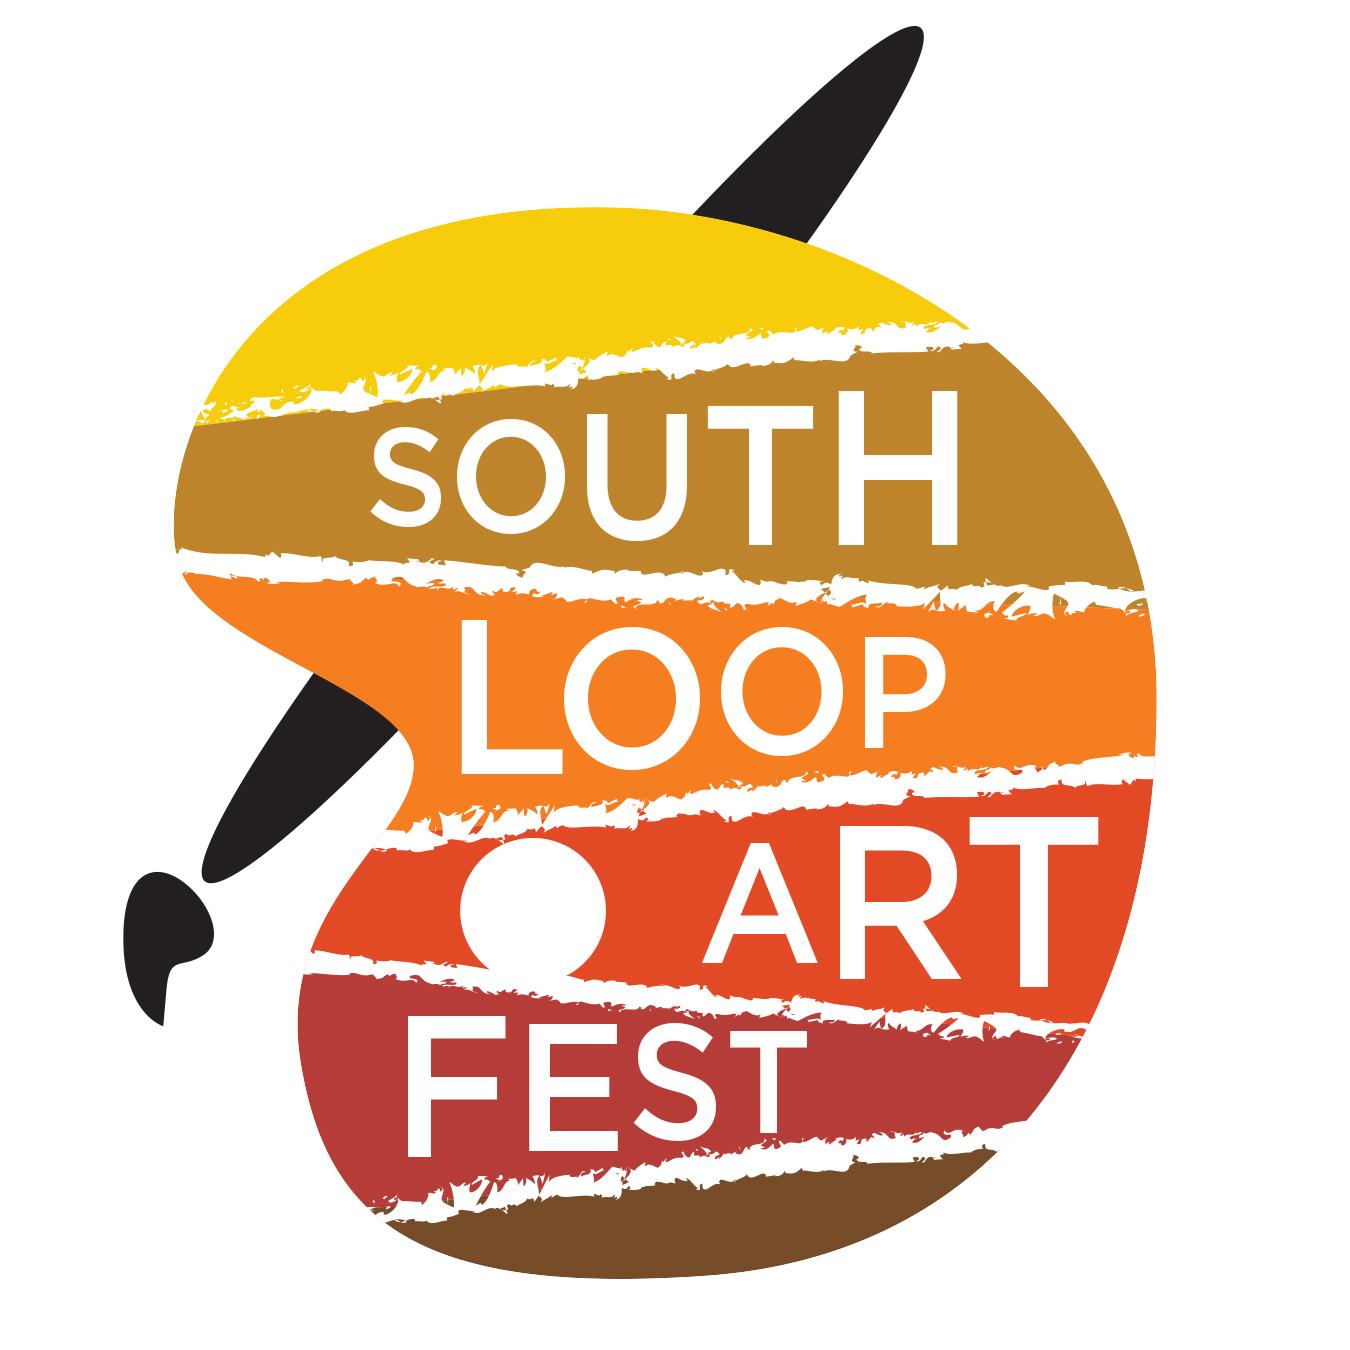 South Loop